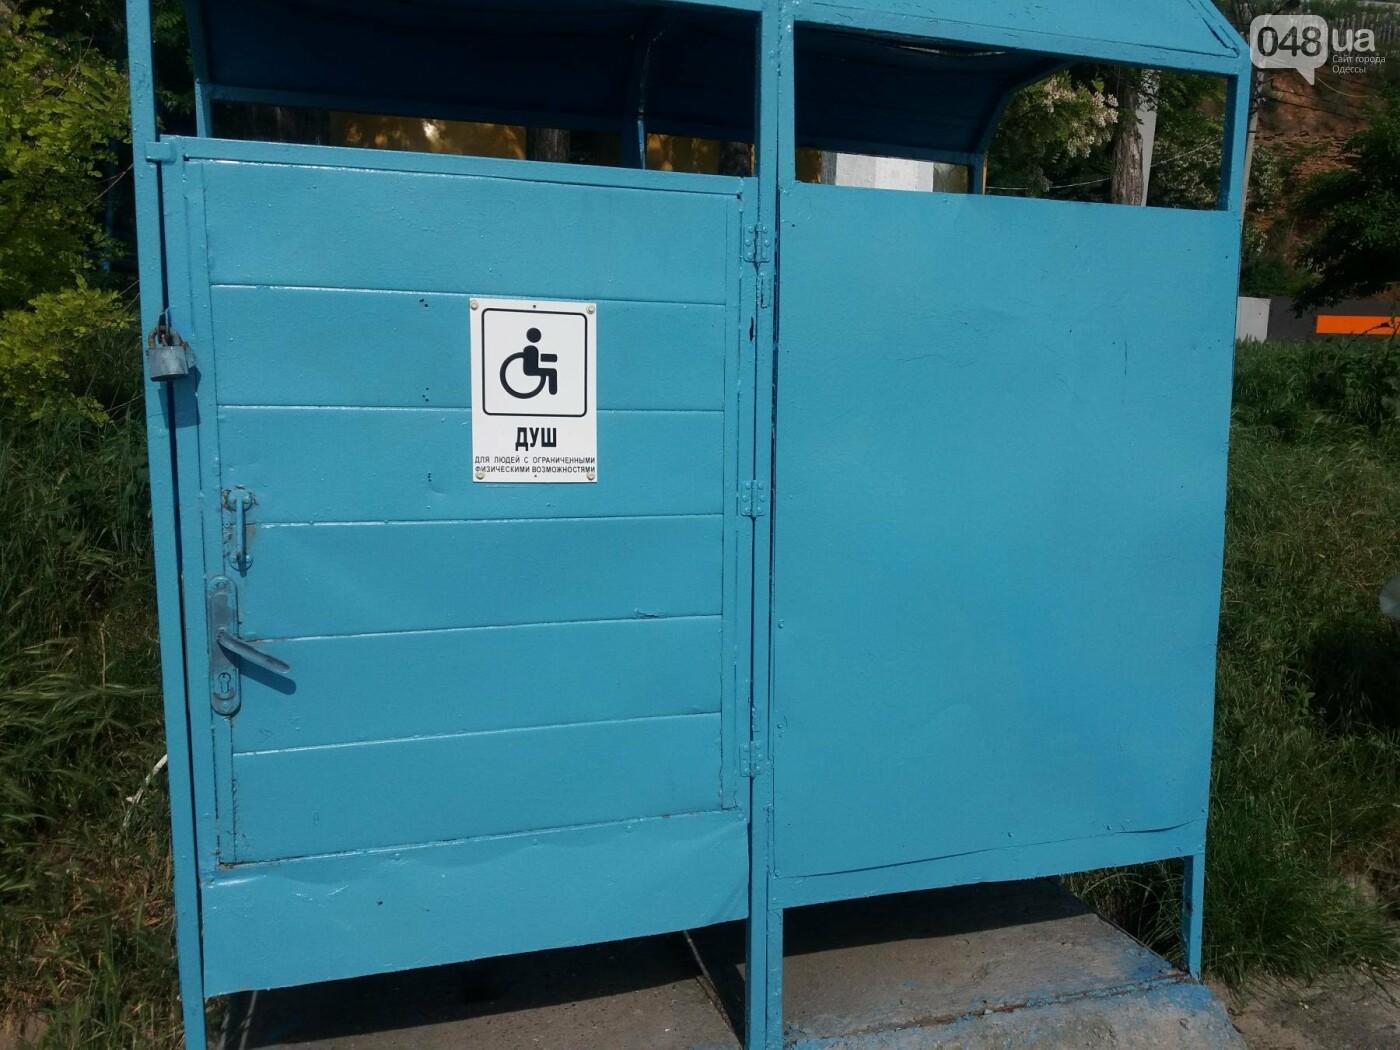 Потрясающий цинизм: как одесские чиновники благоустроили пляж для людей с инвалидностью, - ФОТО , фото-2